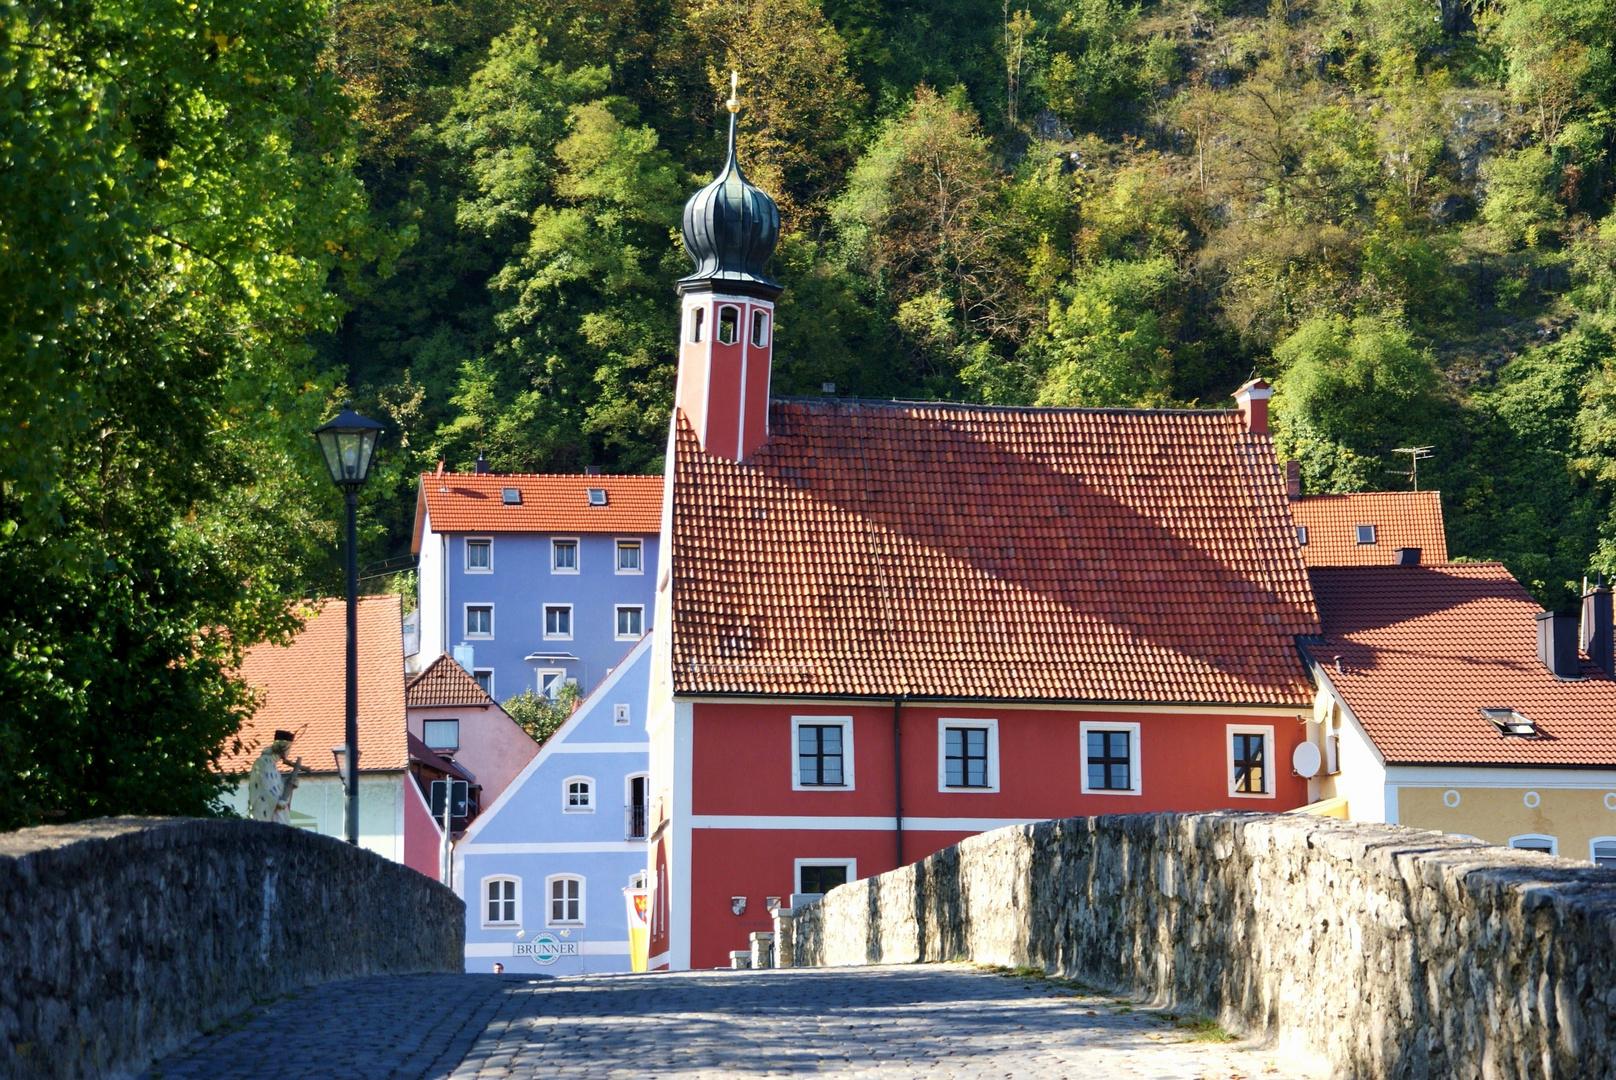 Kallmünz (Rathaus mit schiefem Turm)